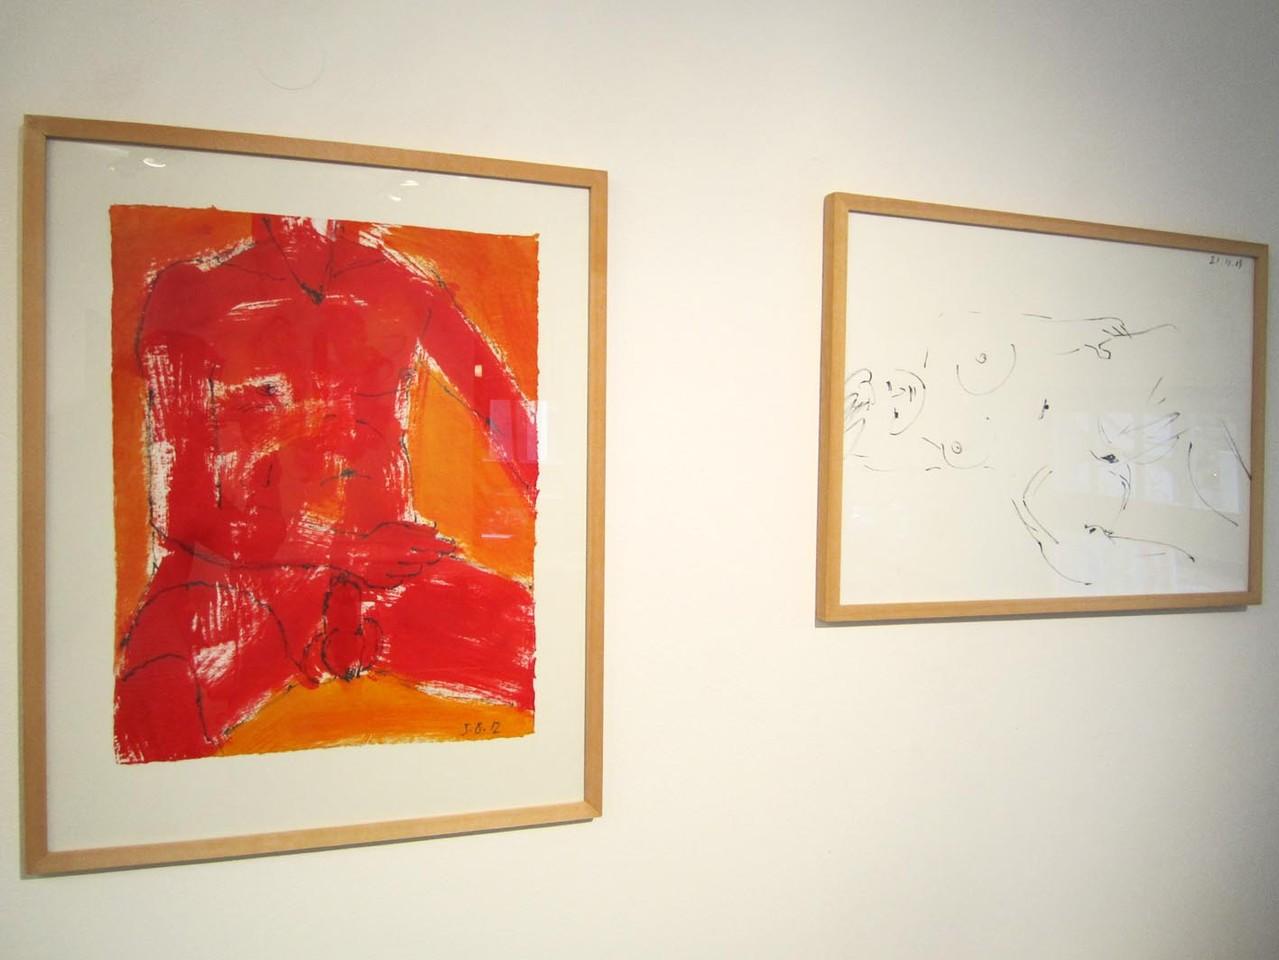 Männlicher Akt, Kreide/Acryl 2012 und Akt, Tusche 2009